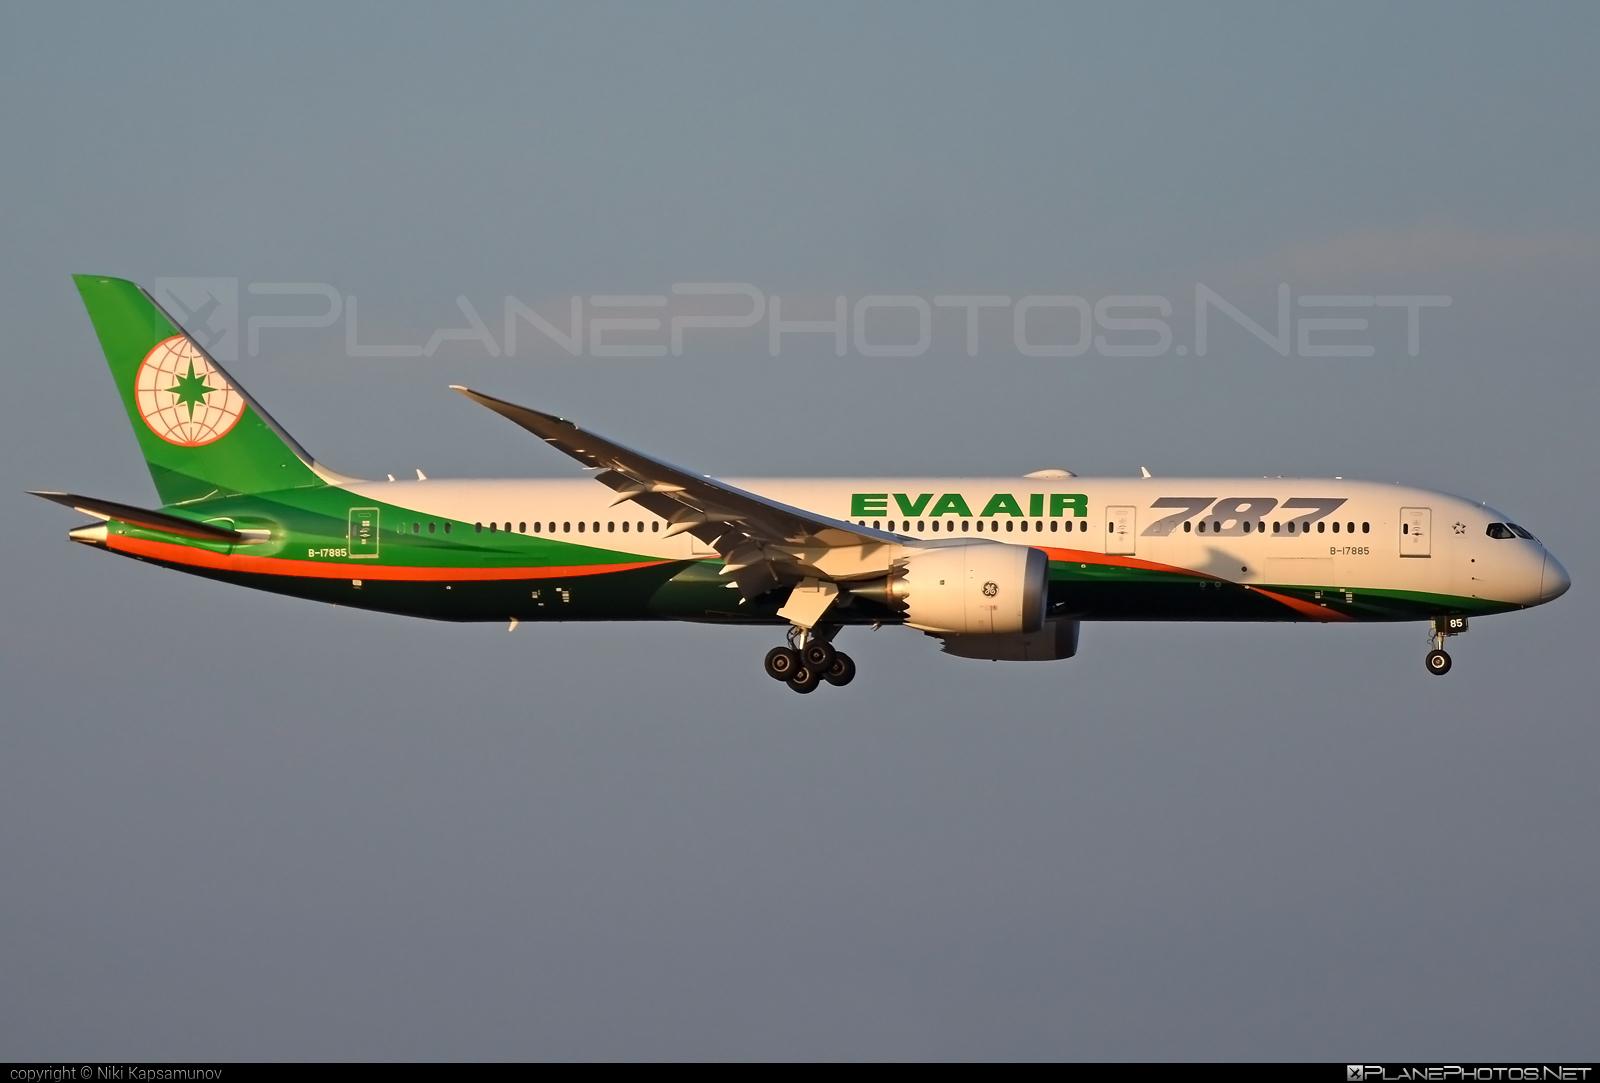 Boeing 787-9 Dreamliner - B-17885 operated by EVA Air #b787 #boeing #boeing787 #dreamliner